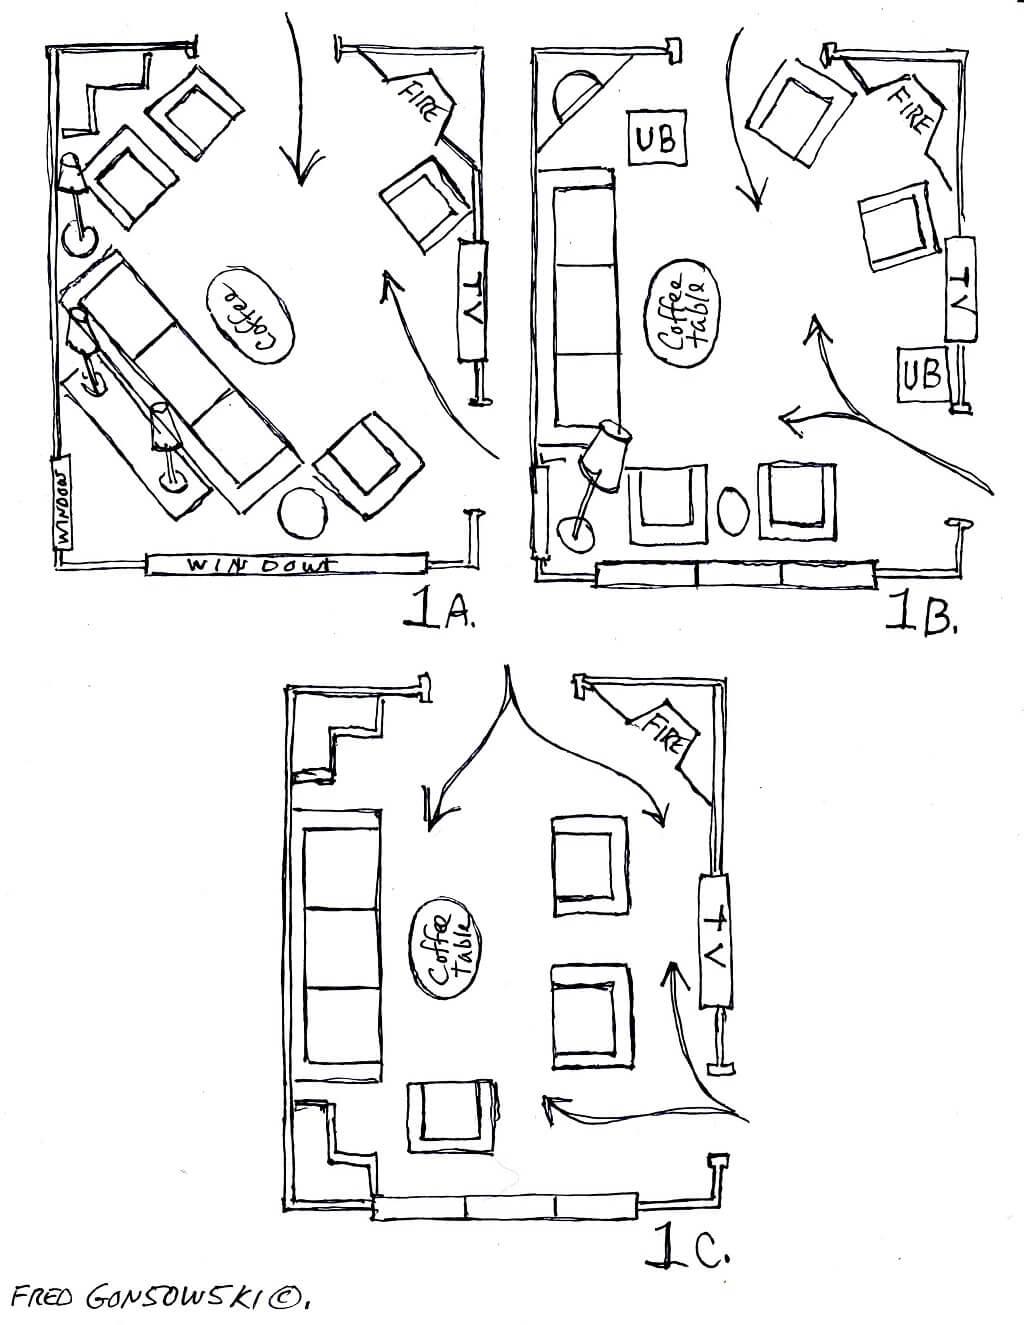 Top 5 Tips To Arrange Living Room Furniture Interior Design